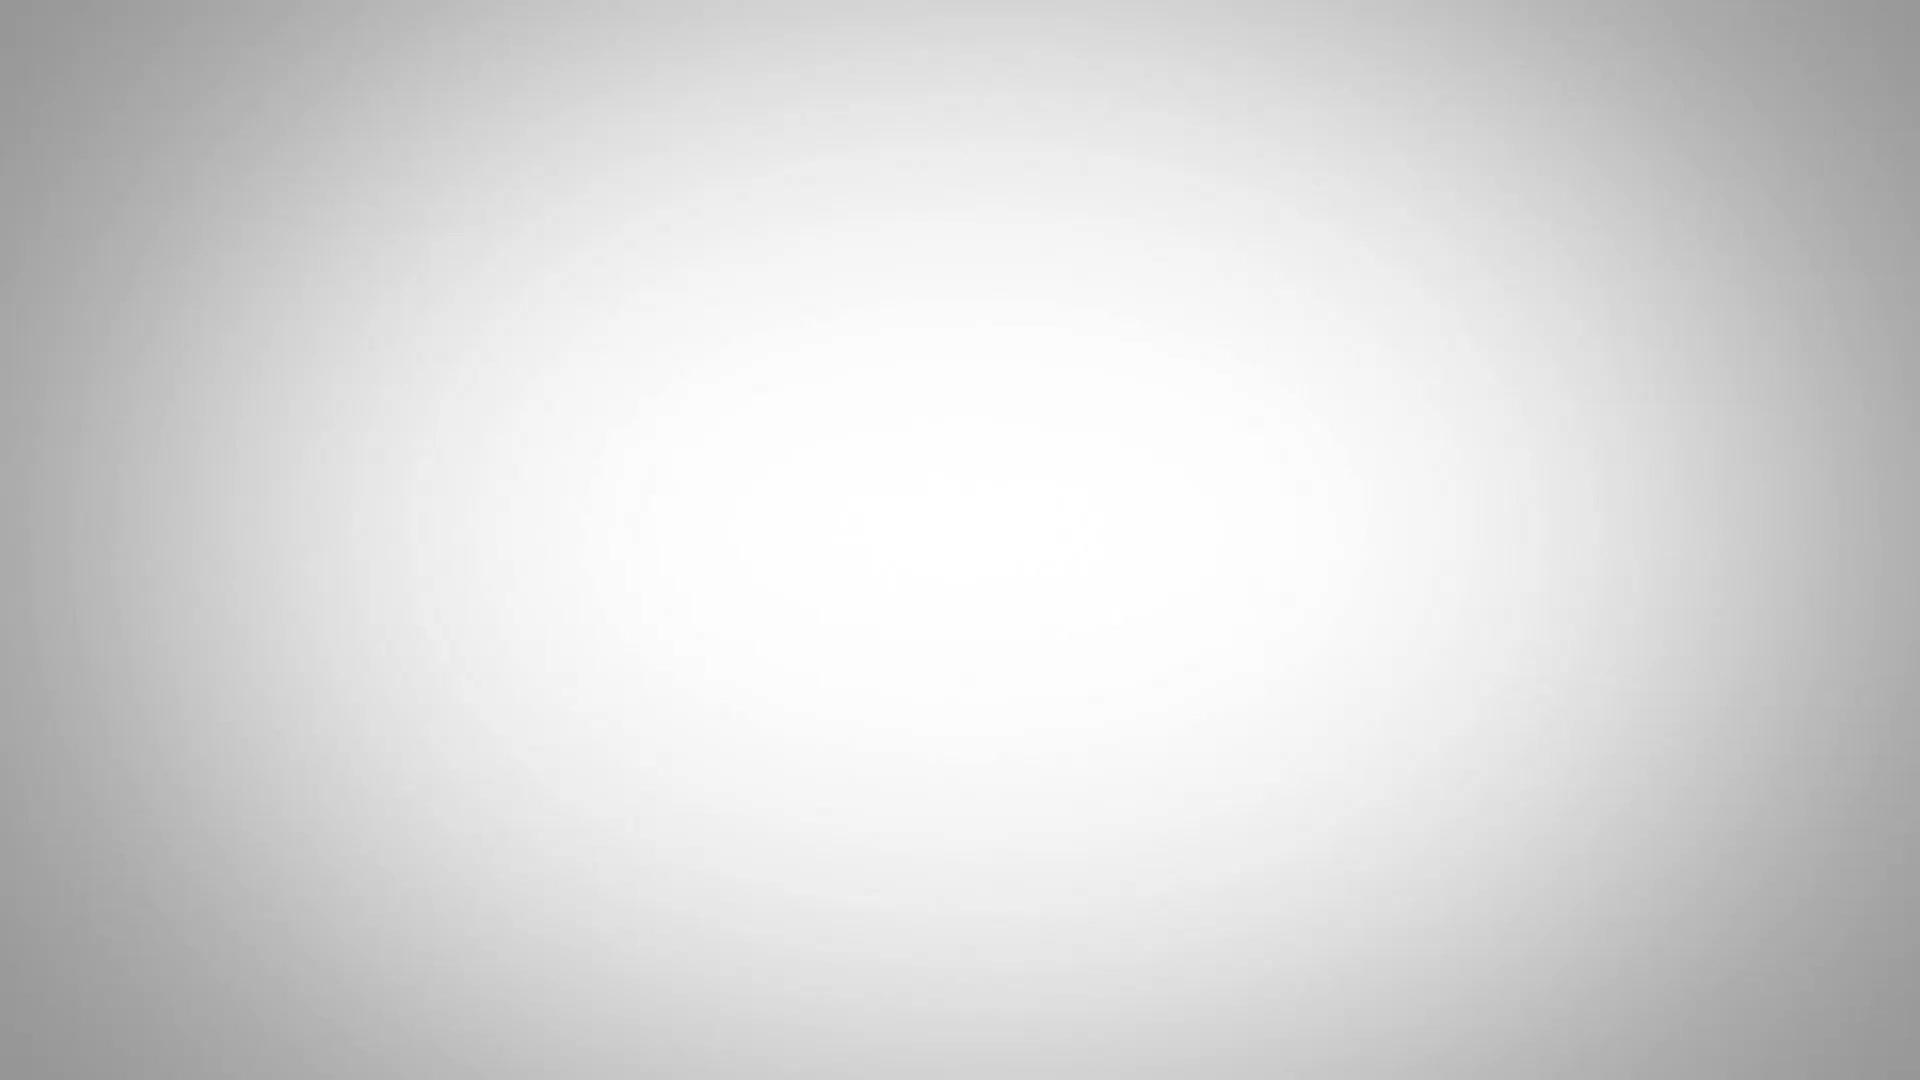 『弱虫ペダル NEW GENERATION』Blu-ray&DVD 发售CM